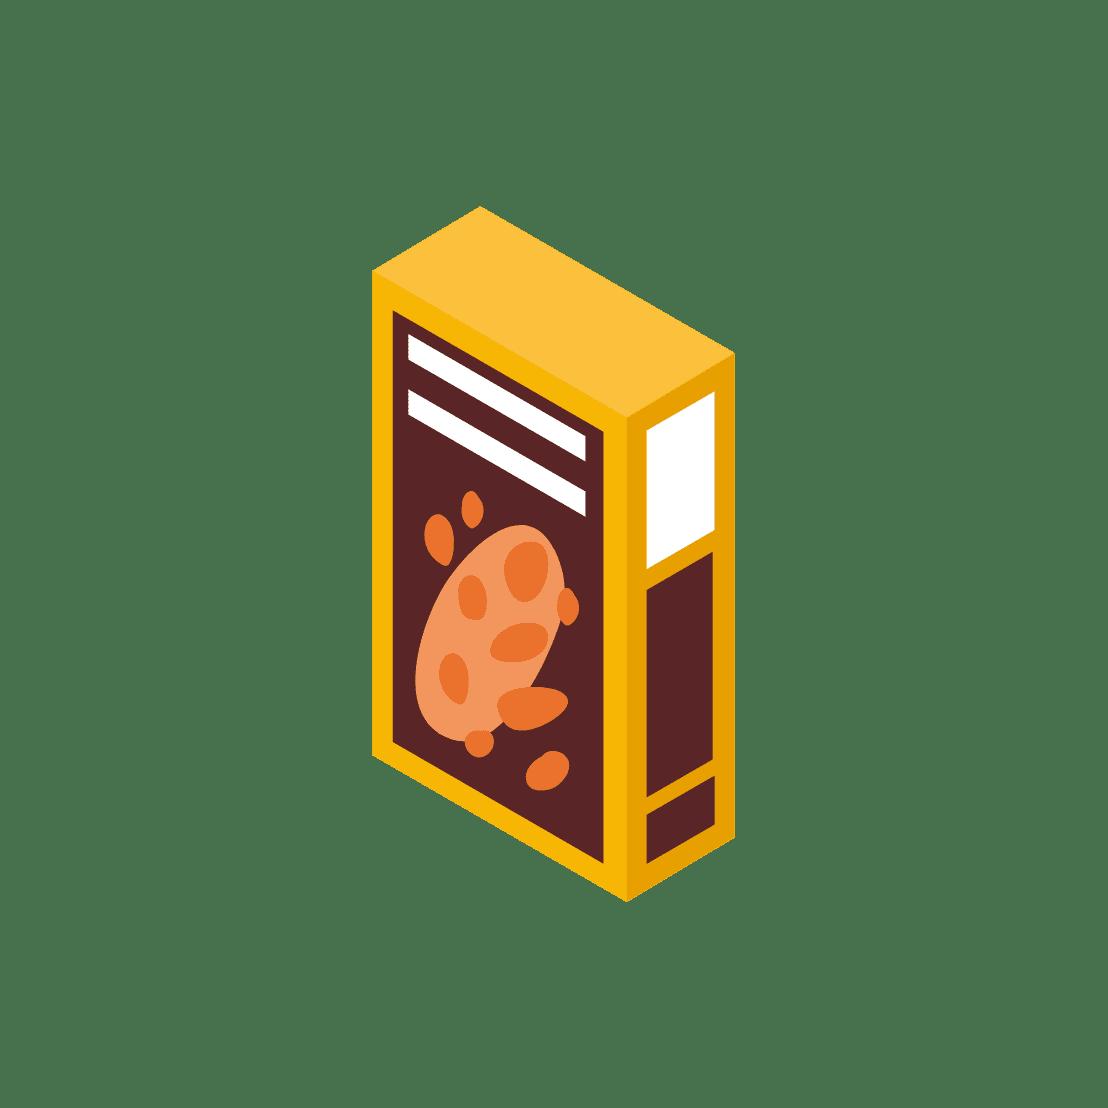 食品の外装(箱)